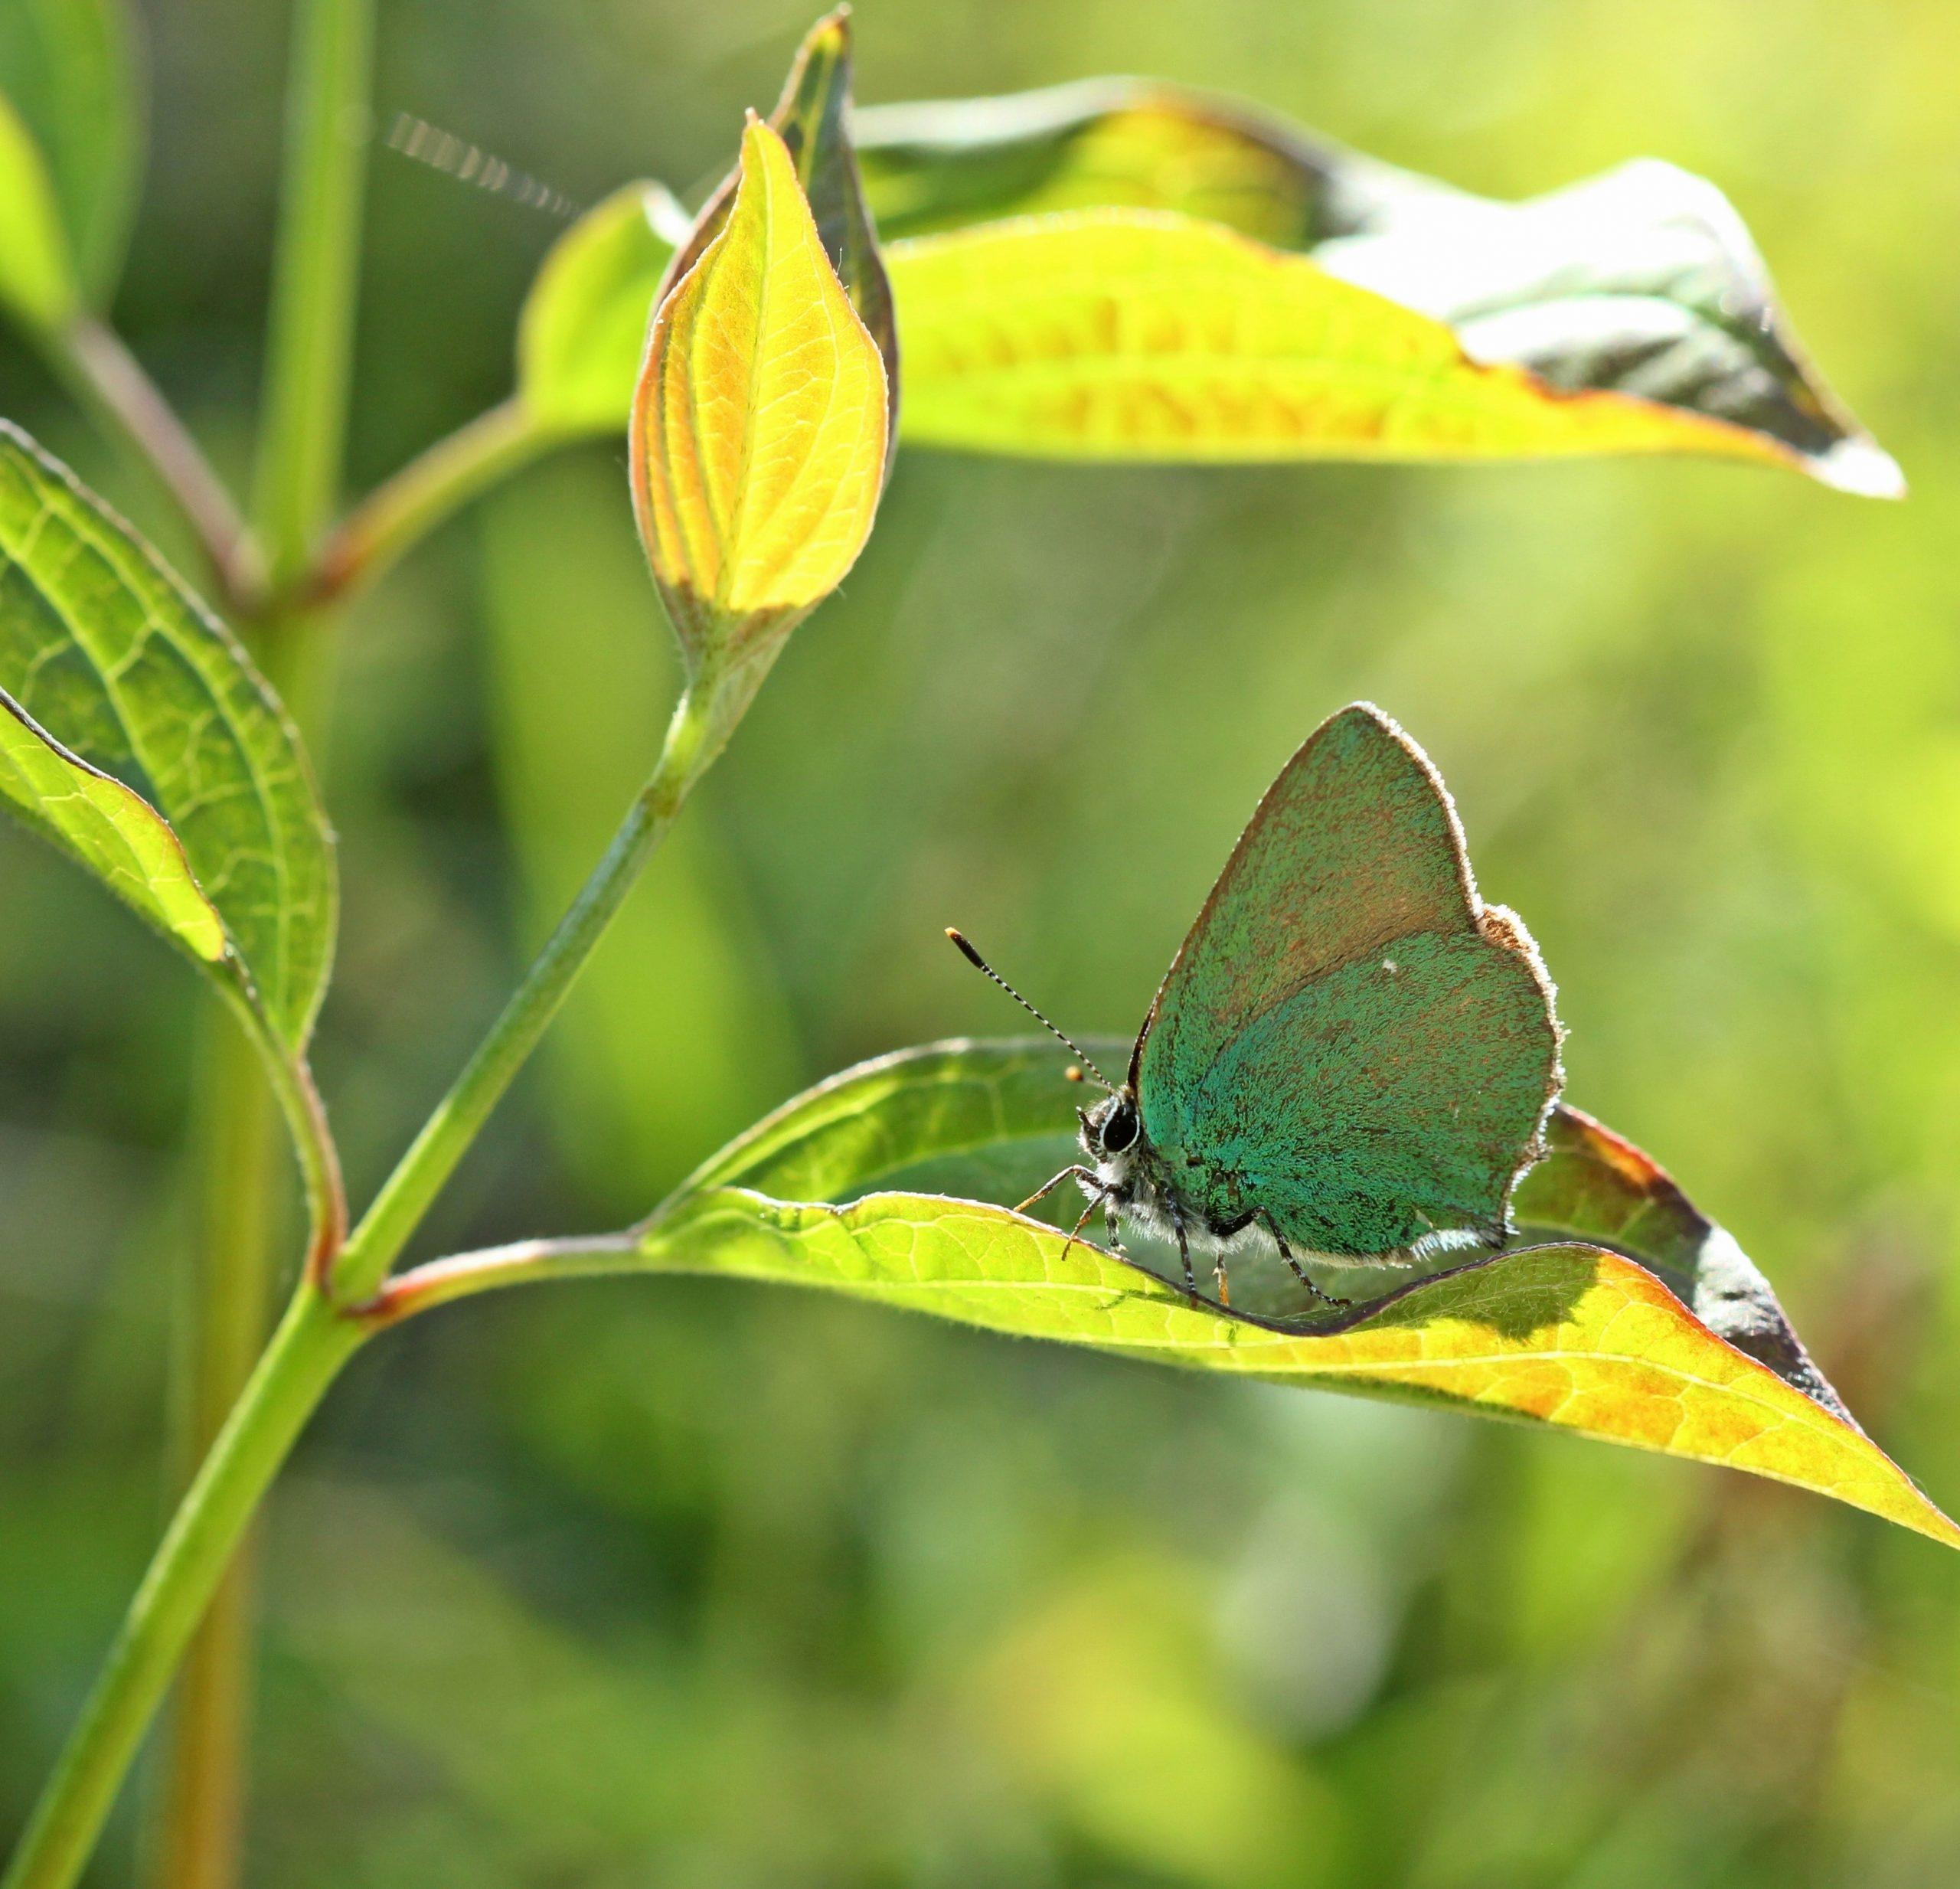 Der grüne Zipfelfalter kann sich durch seine Farbe gut auf Blättern und im Gras tarnen